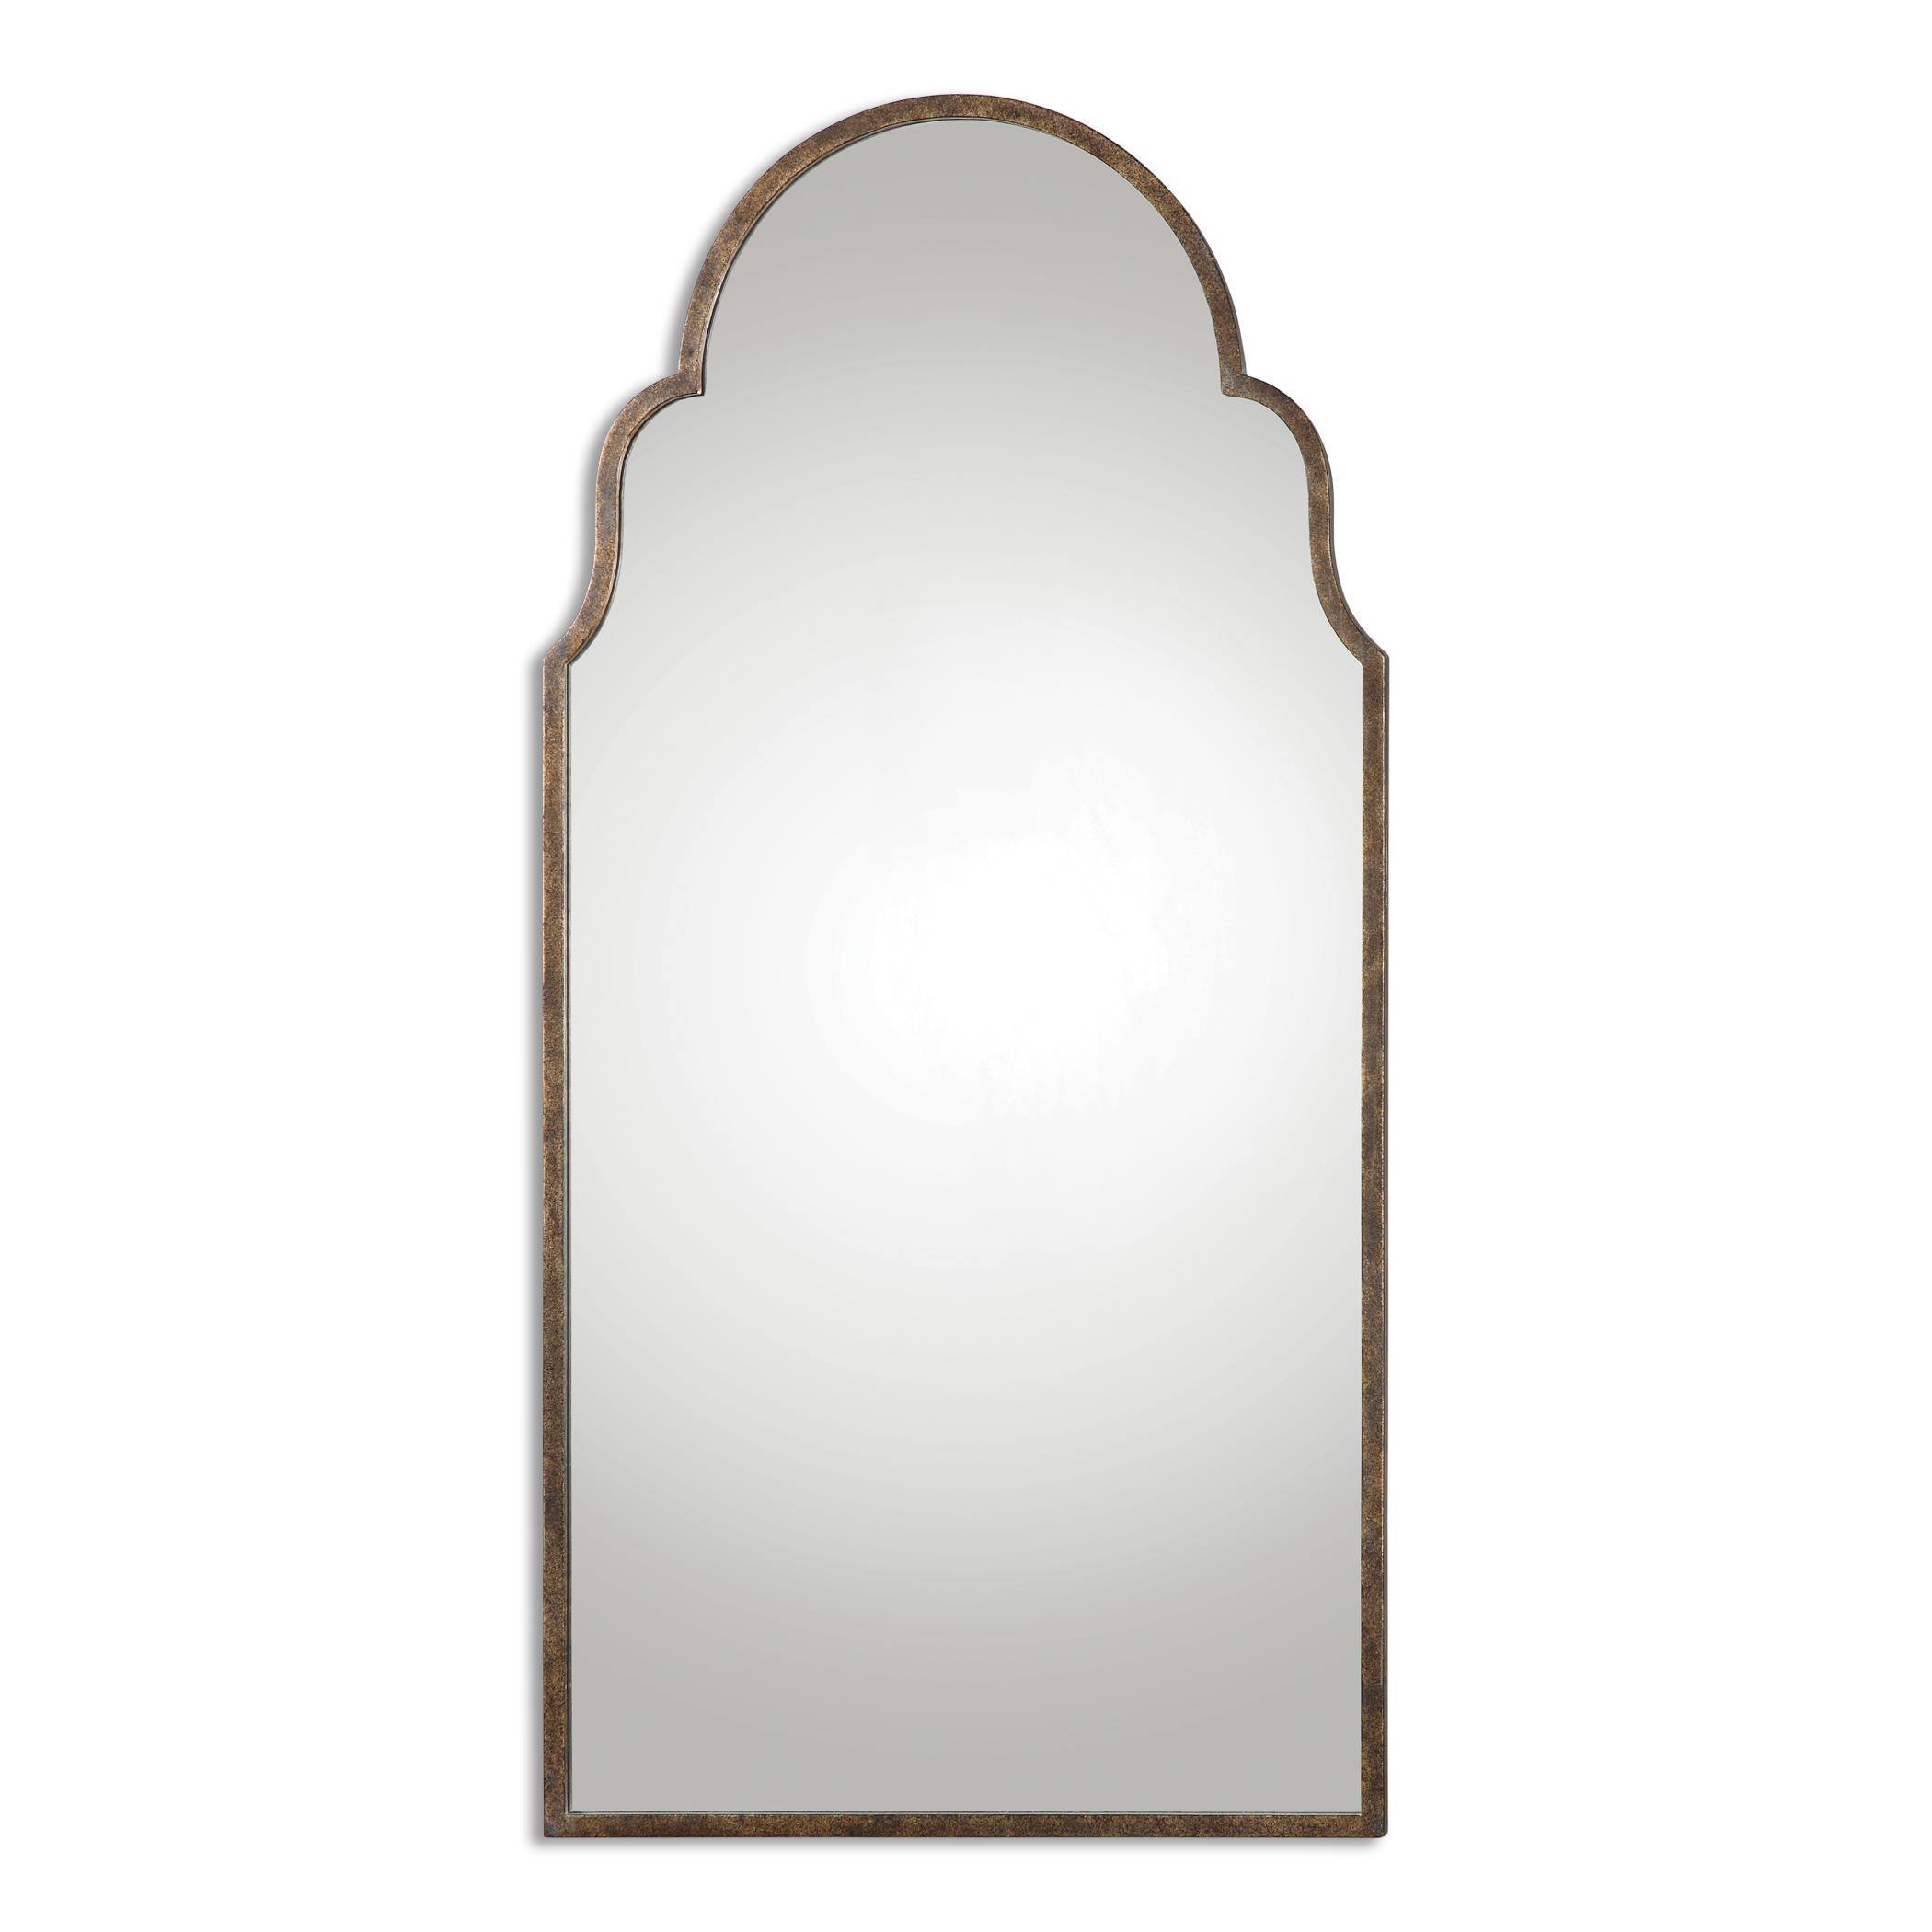 Uttermost Mirrors Brayden Tall Arch Mirror